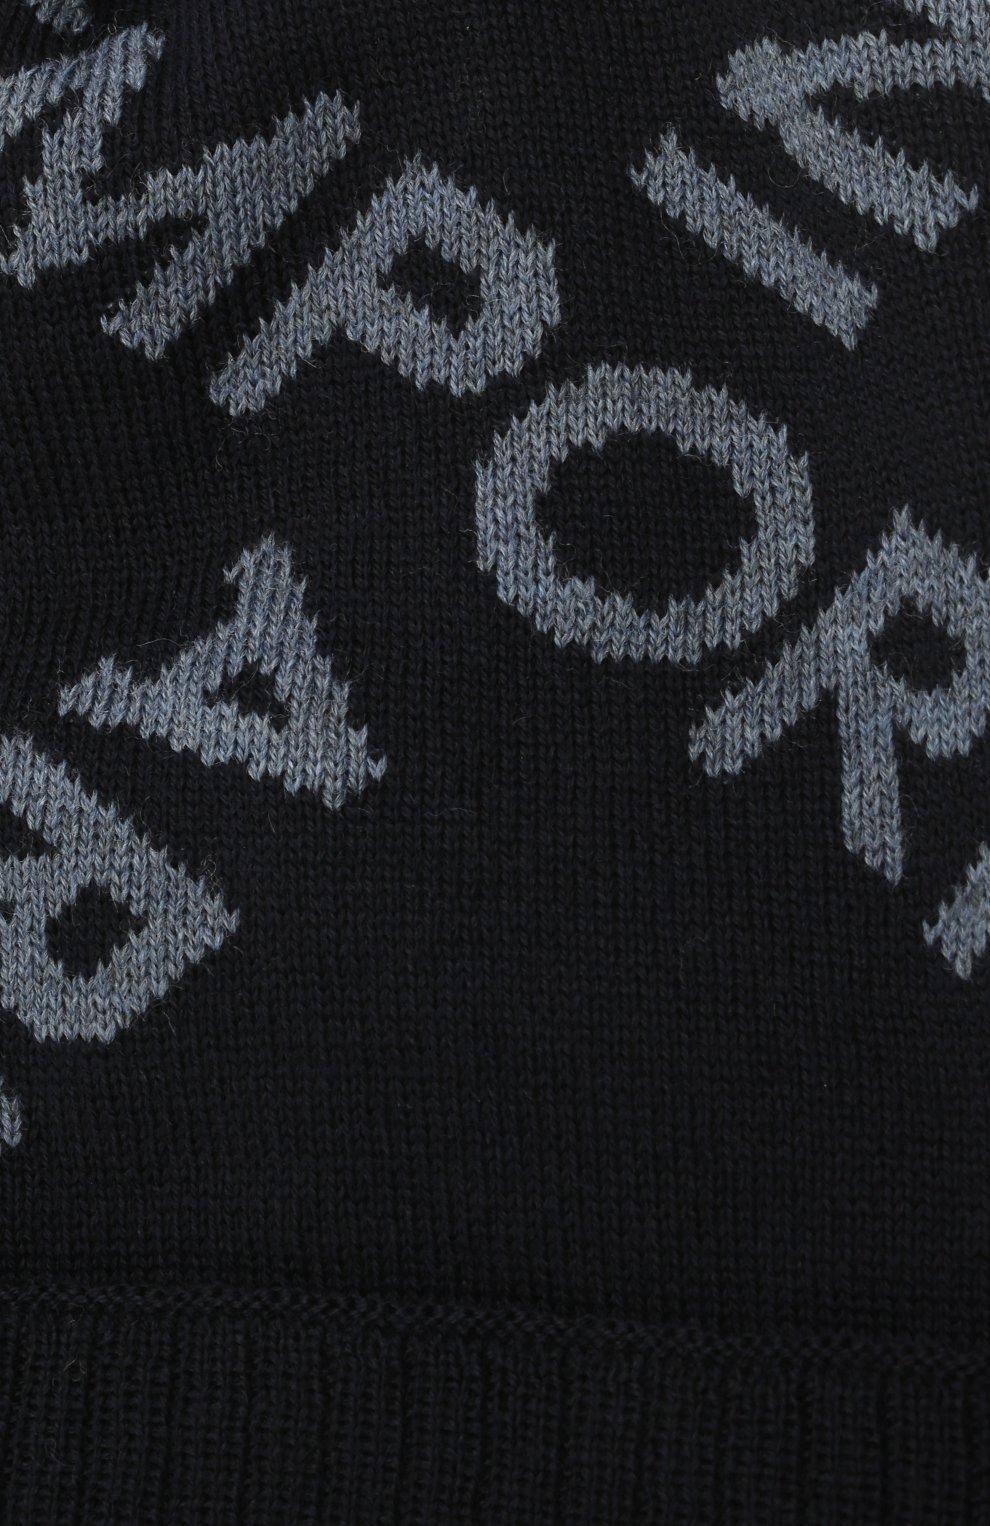 Детский комплект из шапки и шарфа EMPORIO ARMANI синего цвета, арт. 407513/1A765   Фото 4 (Материал: Шерсть)